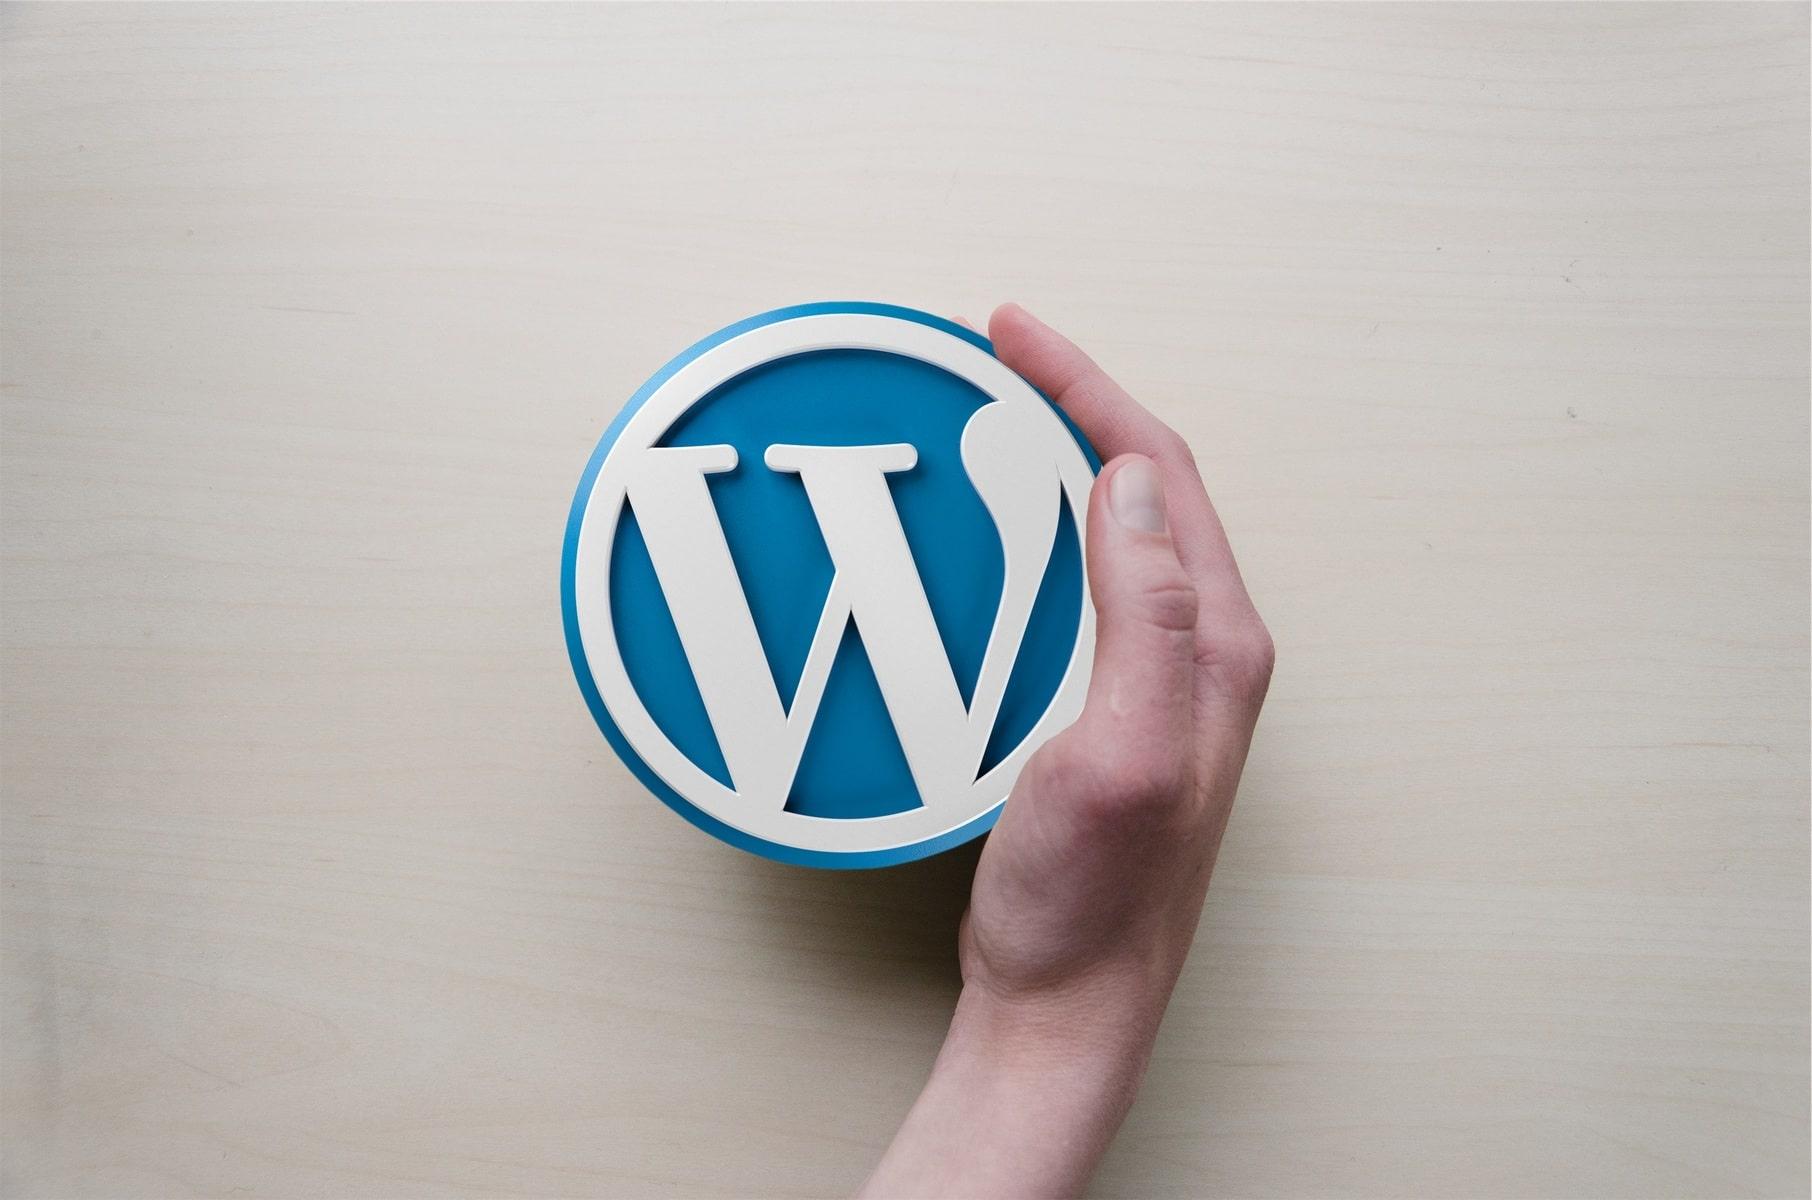 Pohitritev WordPress spletnih strani – zakaj in kako?